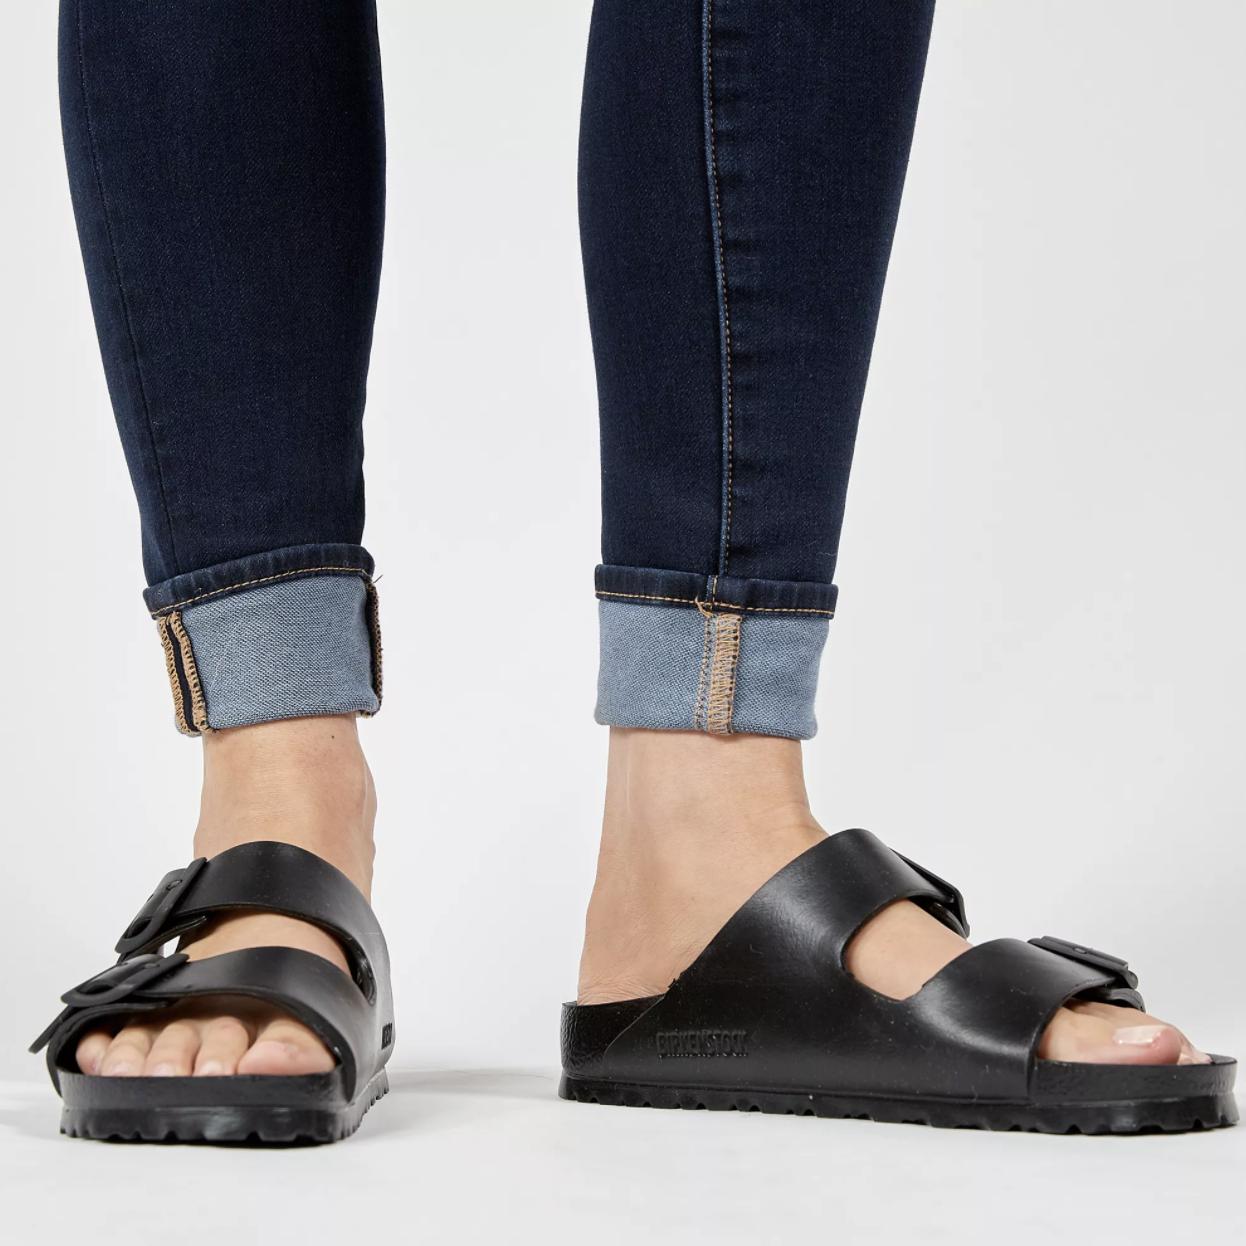 model wearing black waterproof birkenstocks with cuffed dark wash skinny jeans